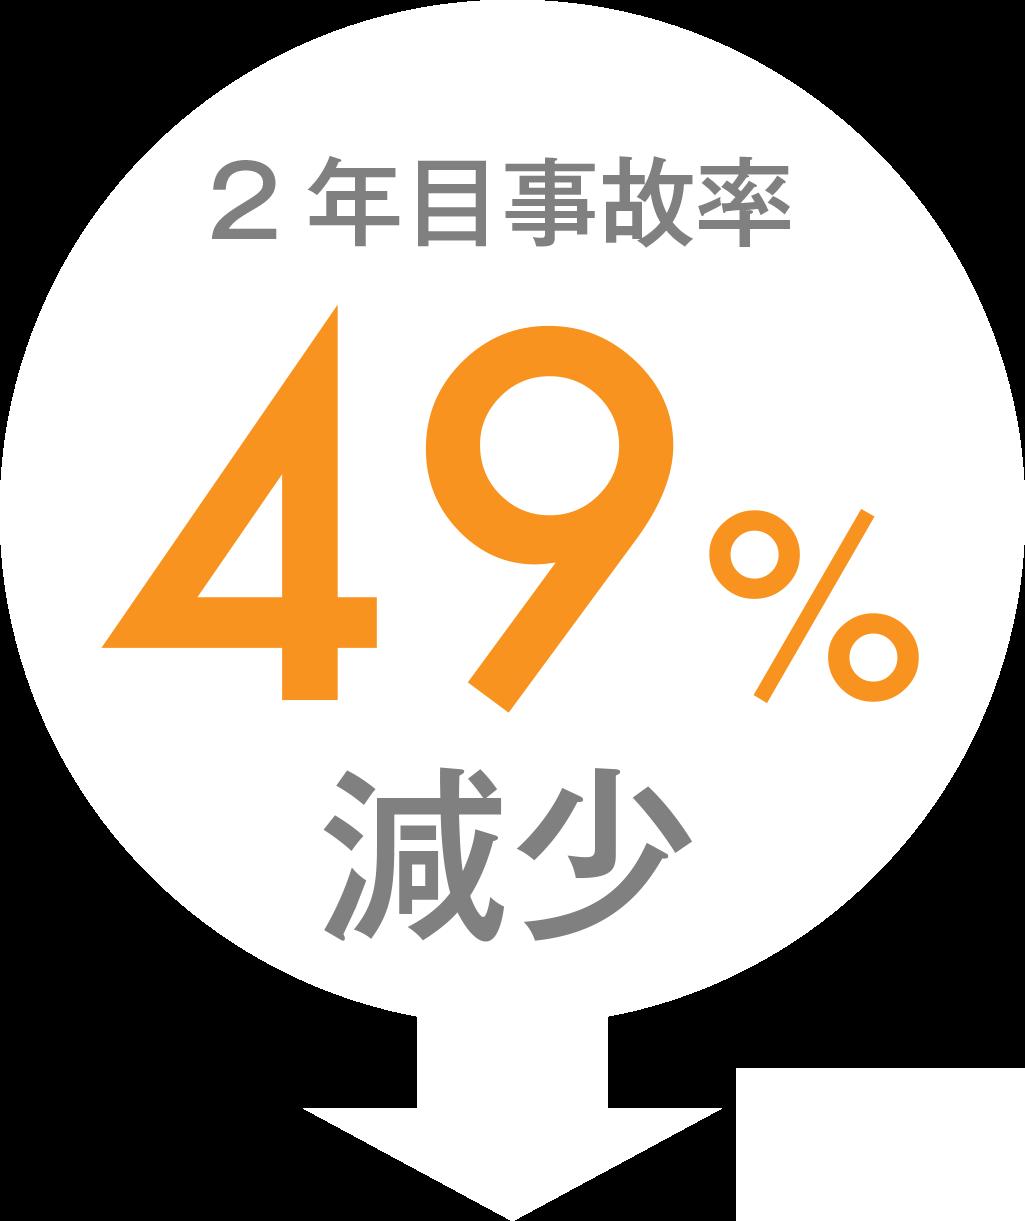 2年目事故率67%減少